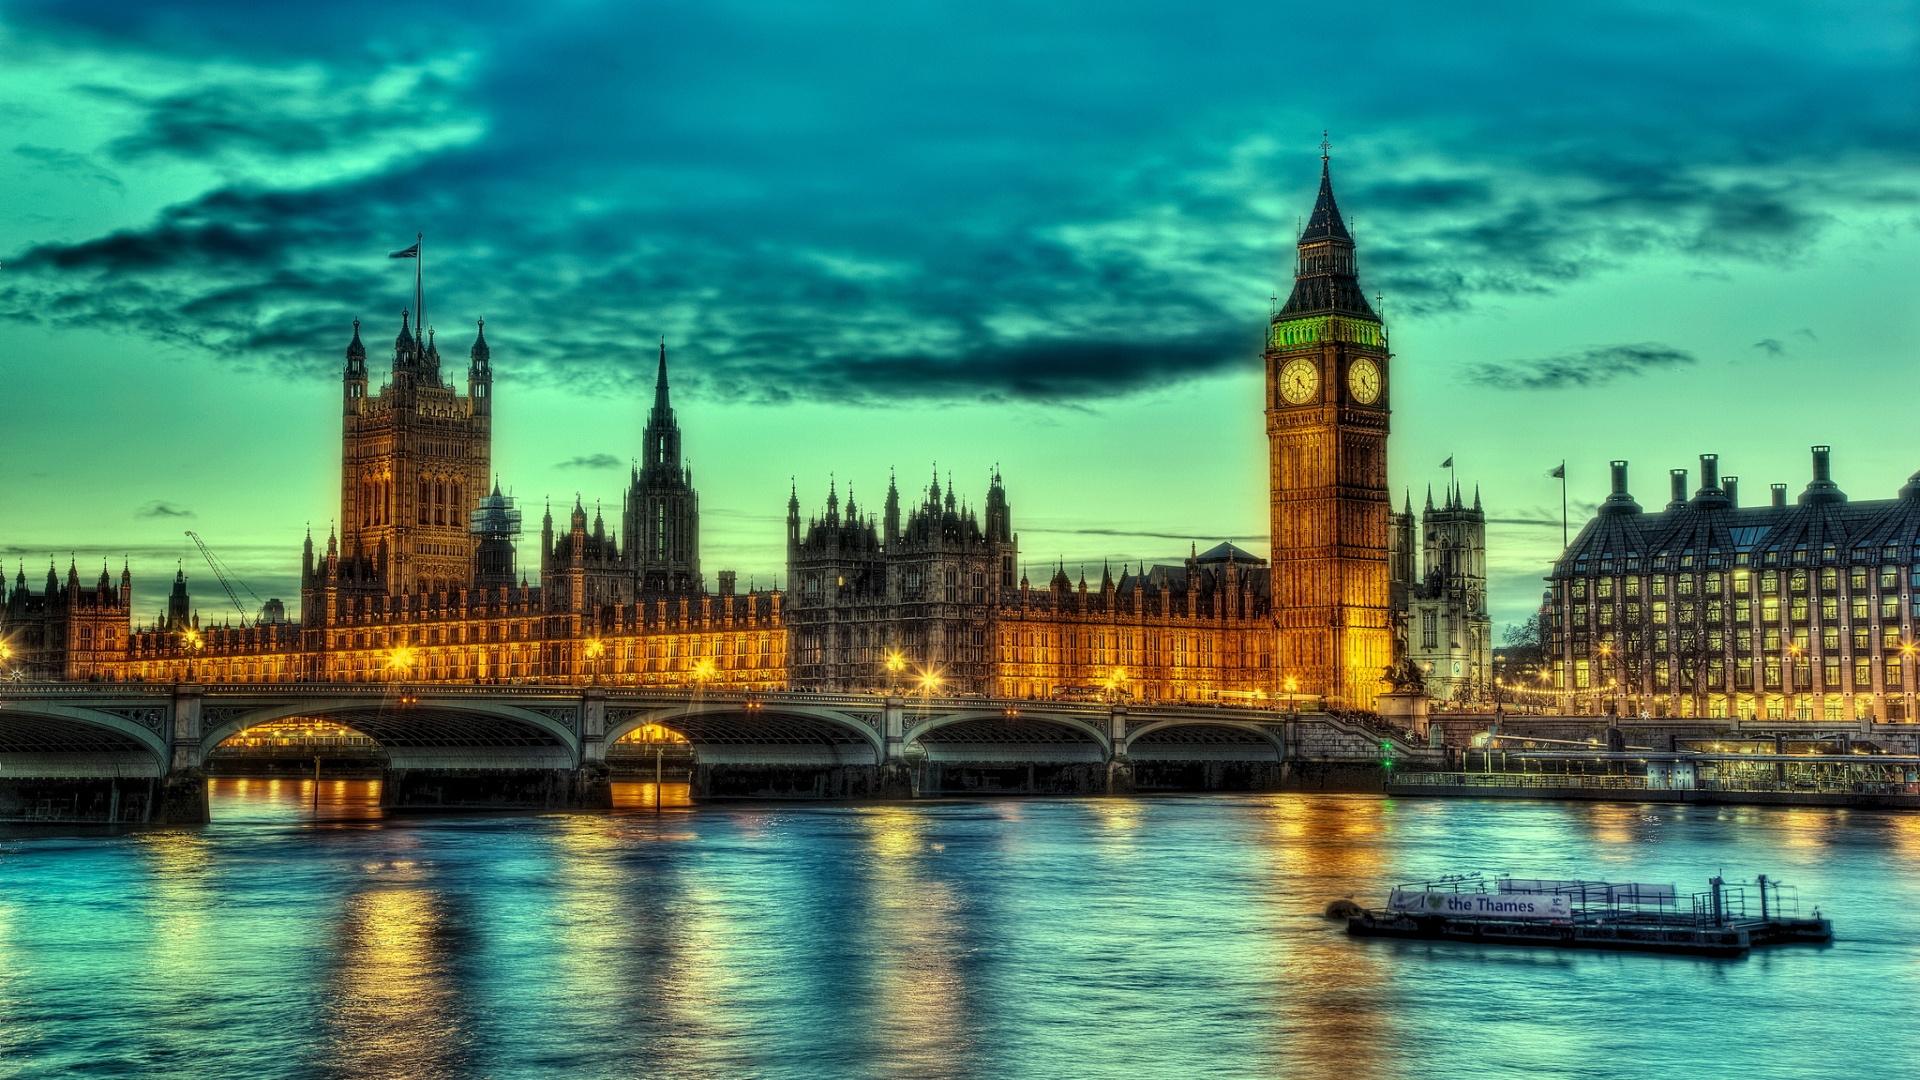 15 hd big ben clock tower wallpapers - Best laptop wallpapers 2017 ...